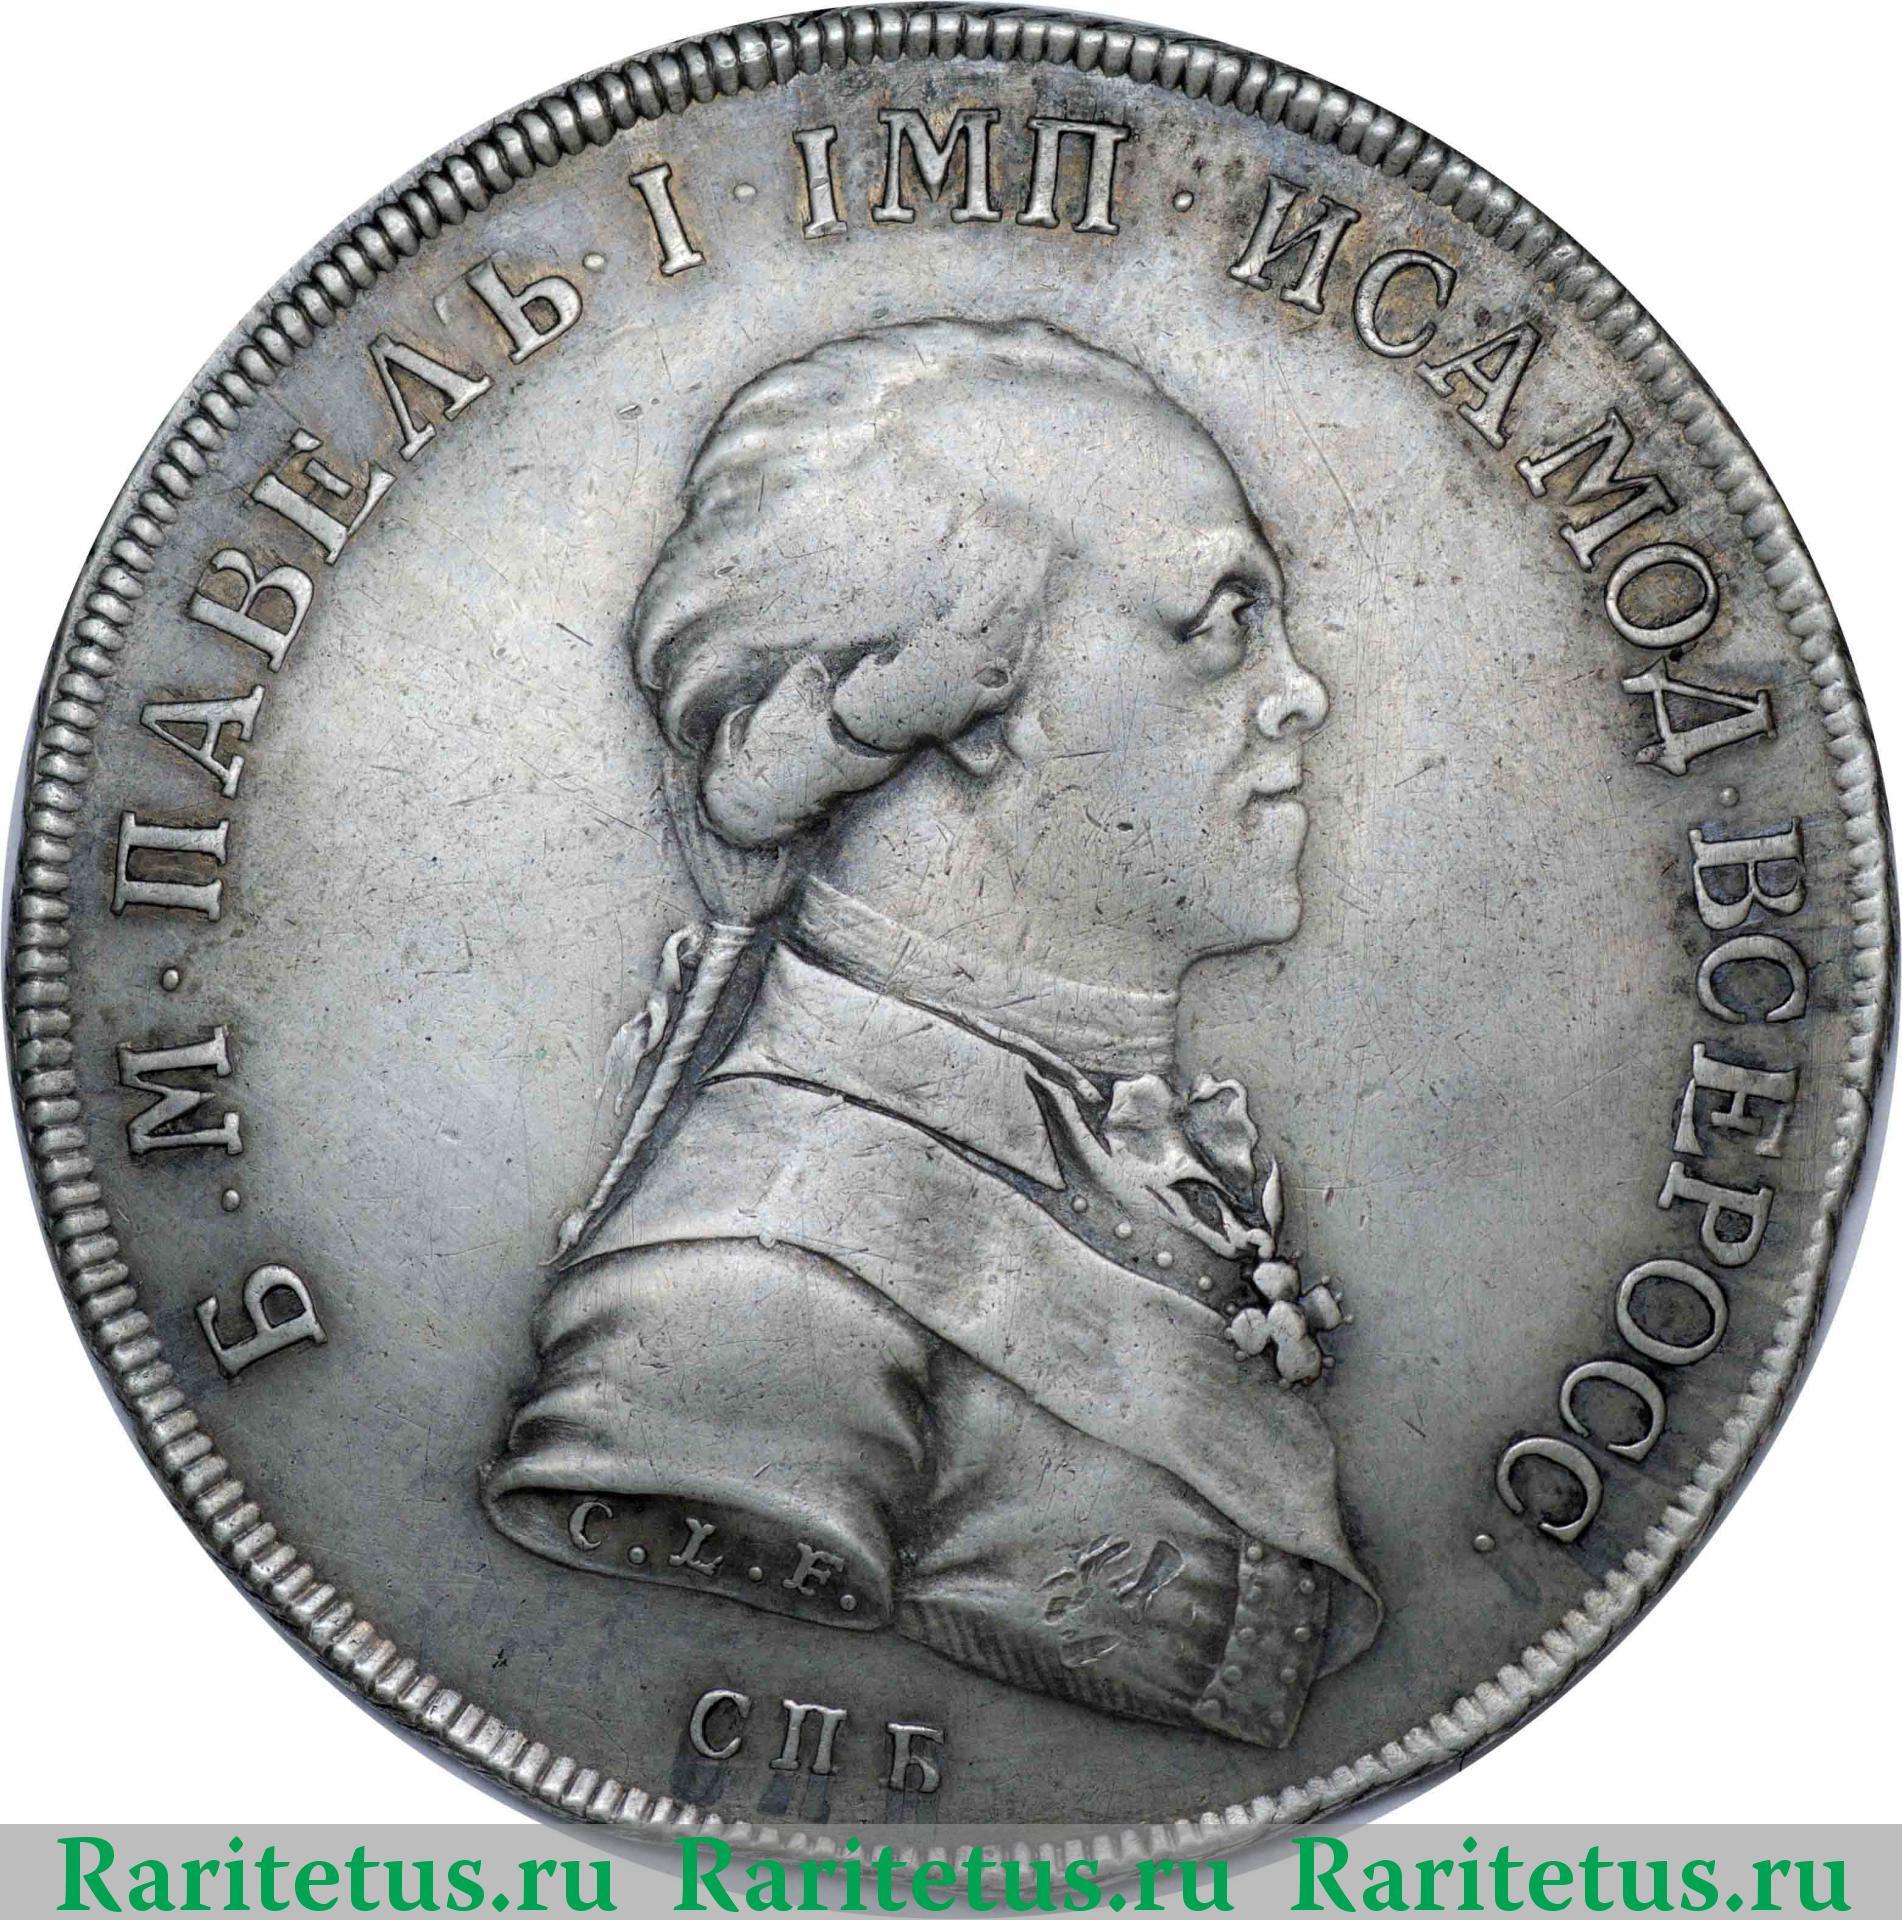 Продать монету 1 рубль выпуск монет на 2016 год цб рф